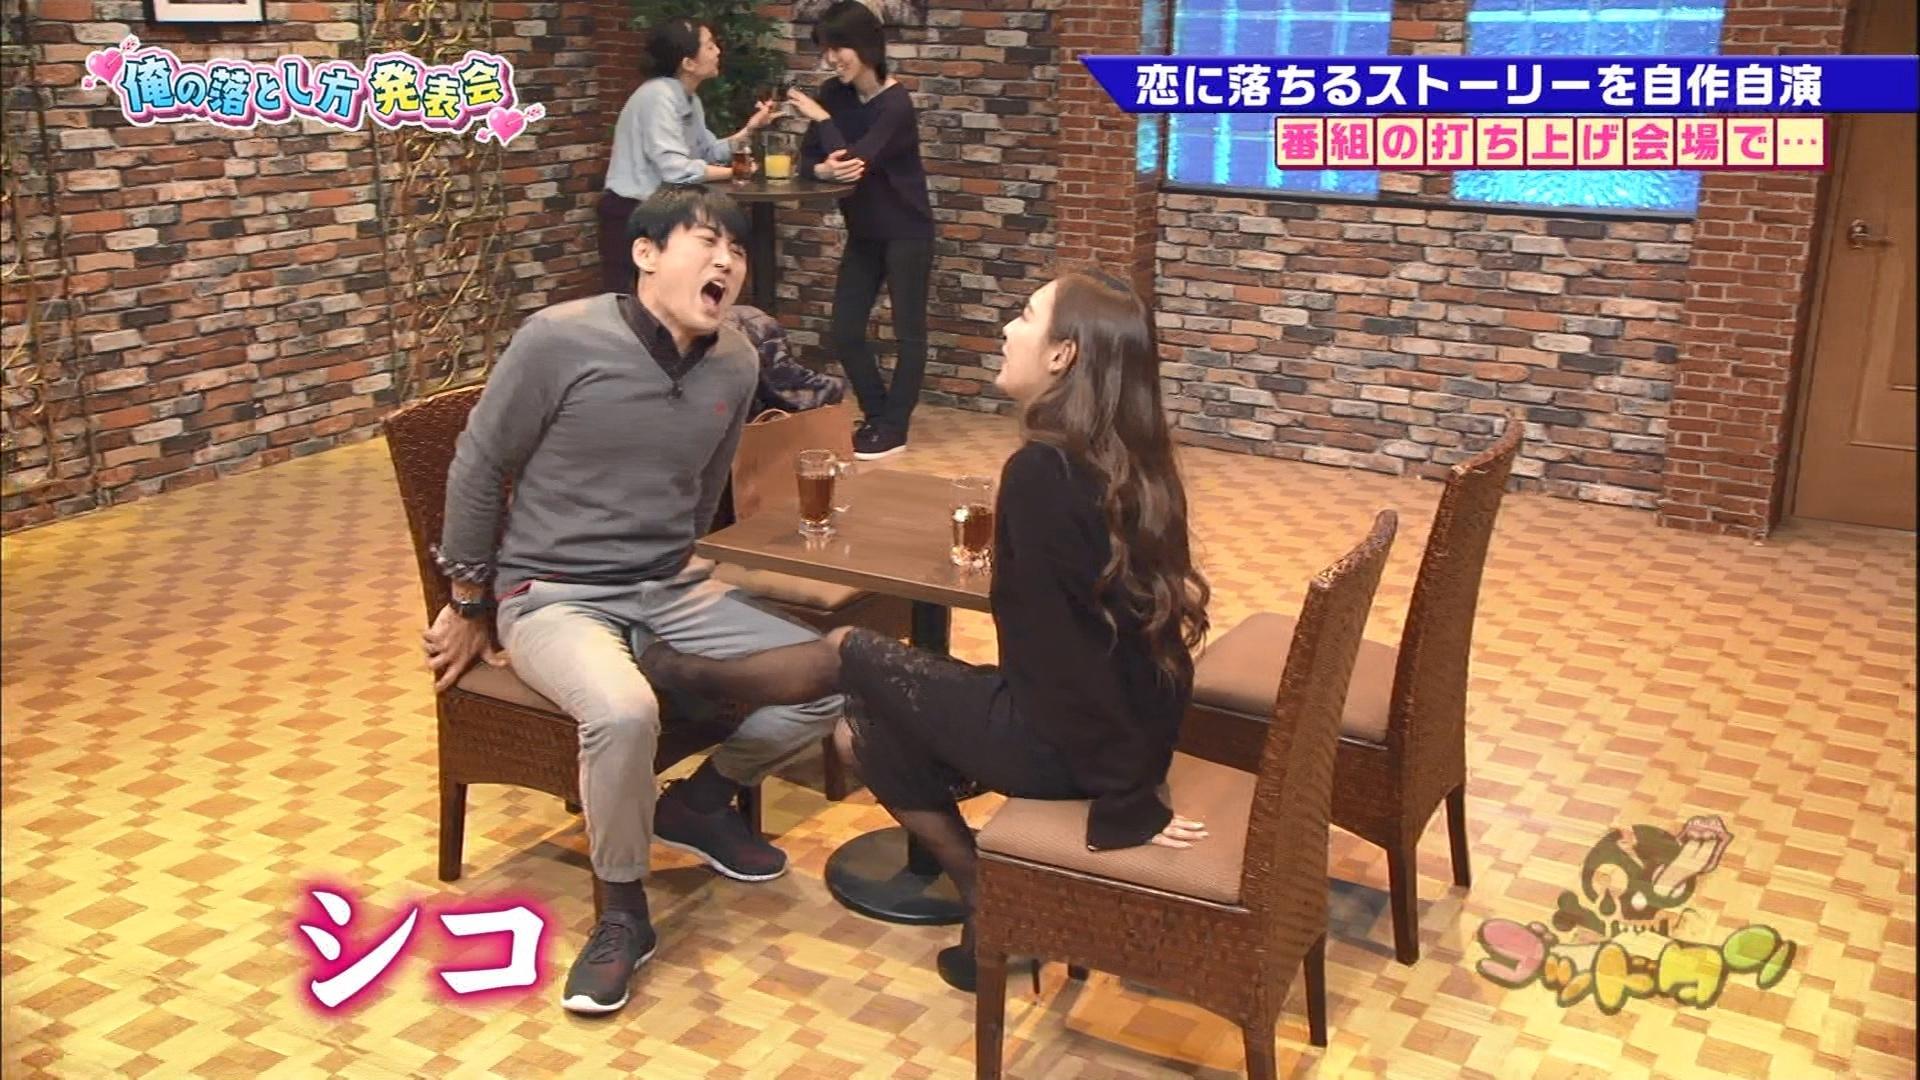 (えろ写真)テレビで足コキとか☆☆☆ゴッドタン《第3回 俺の落とし方発表会》キャプ写真